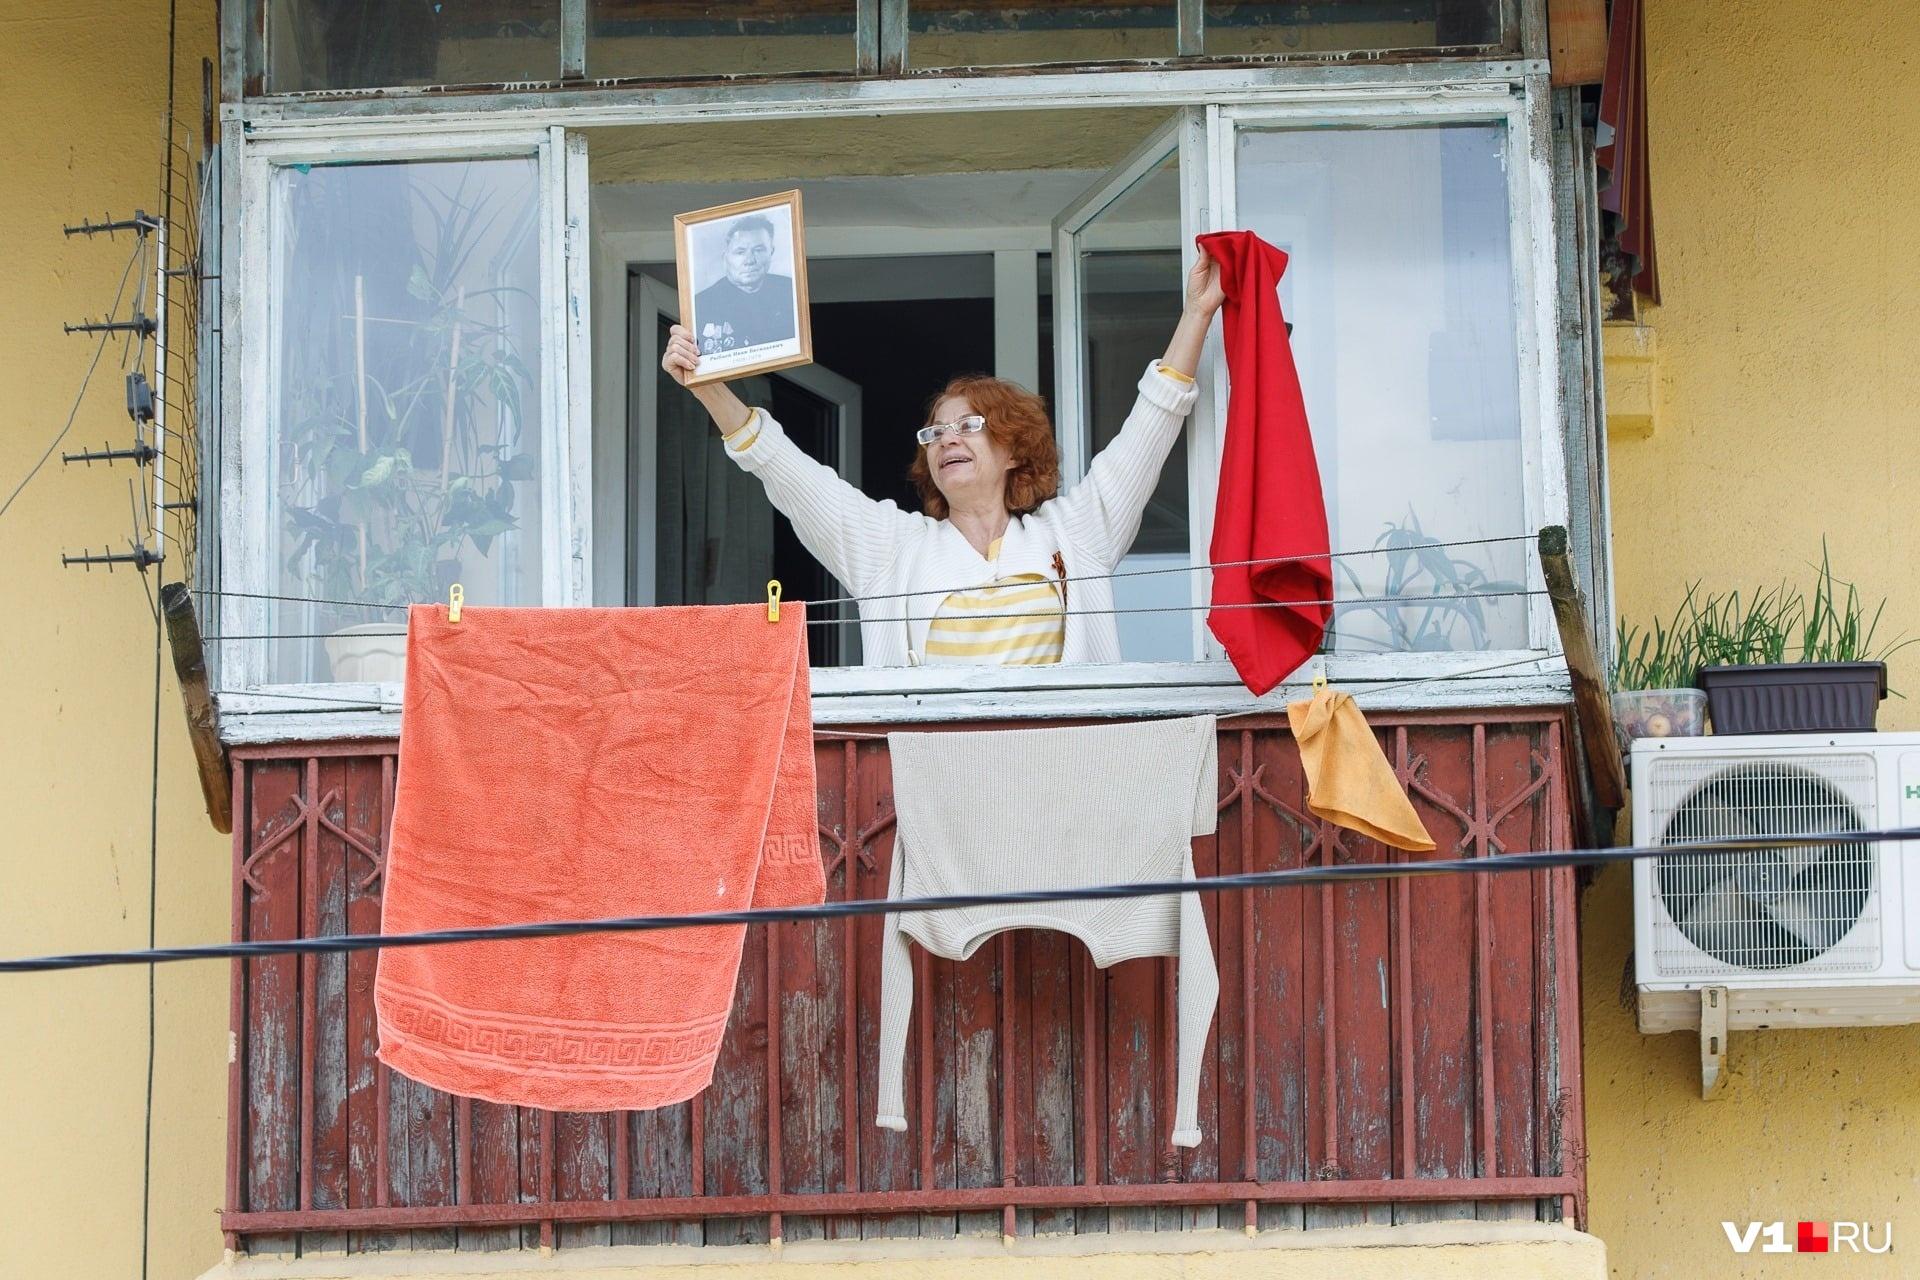 Оставшиеся 9 мая дома волгоградцы вышли на балкон с портретами своих близких и хором спели «День Победы». Может быть, негладко, несинхронно, но зато искренне и от всей души